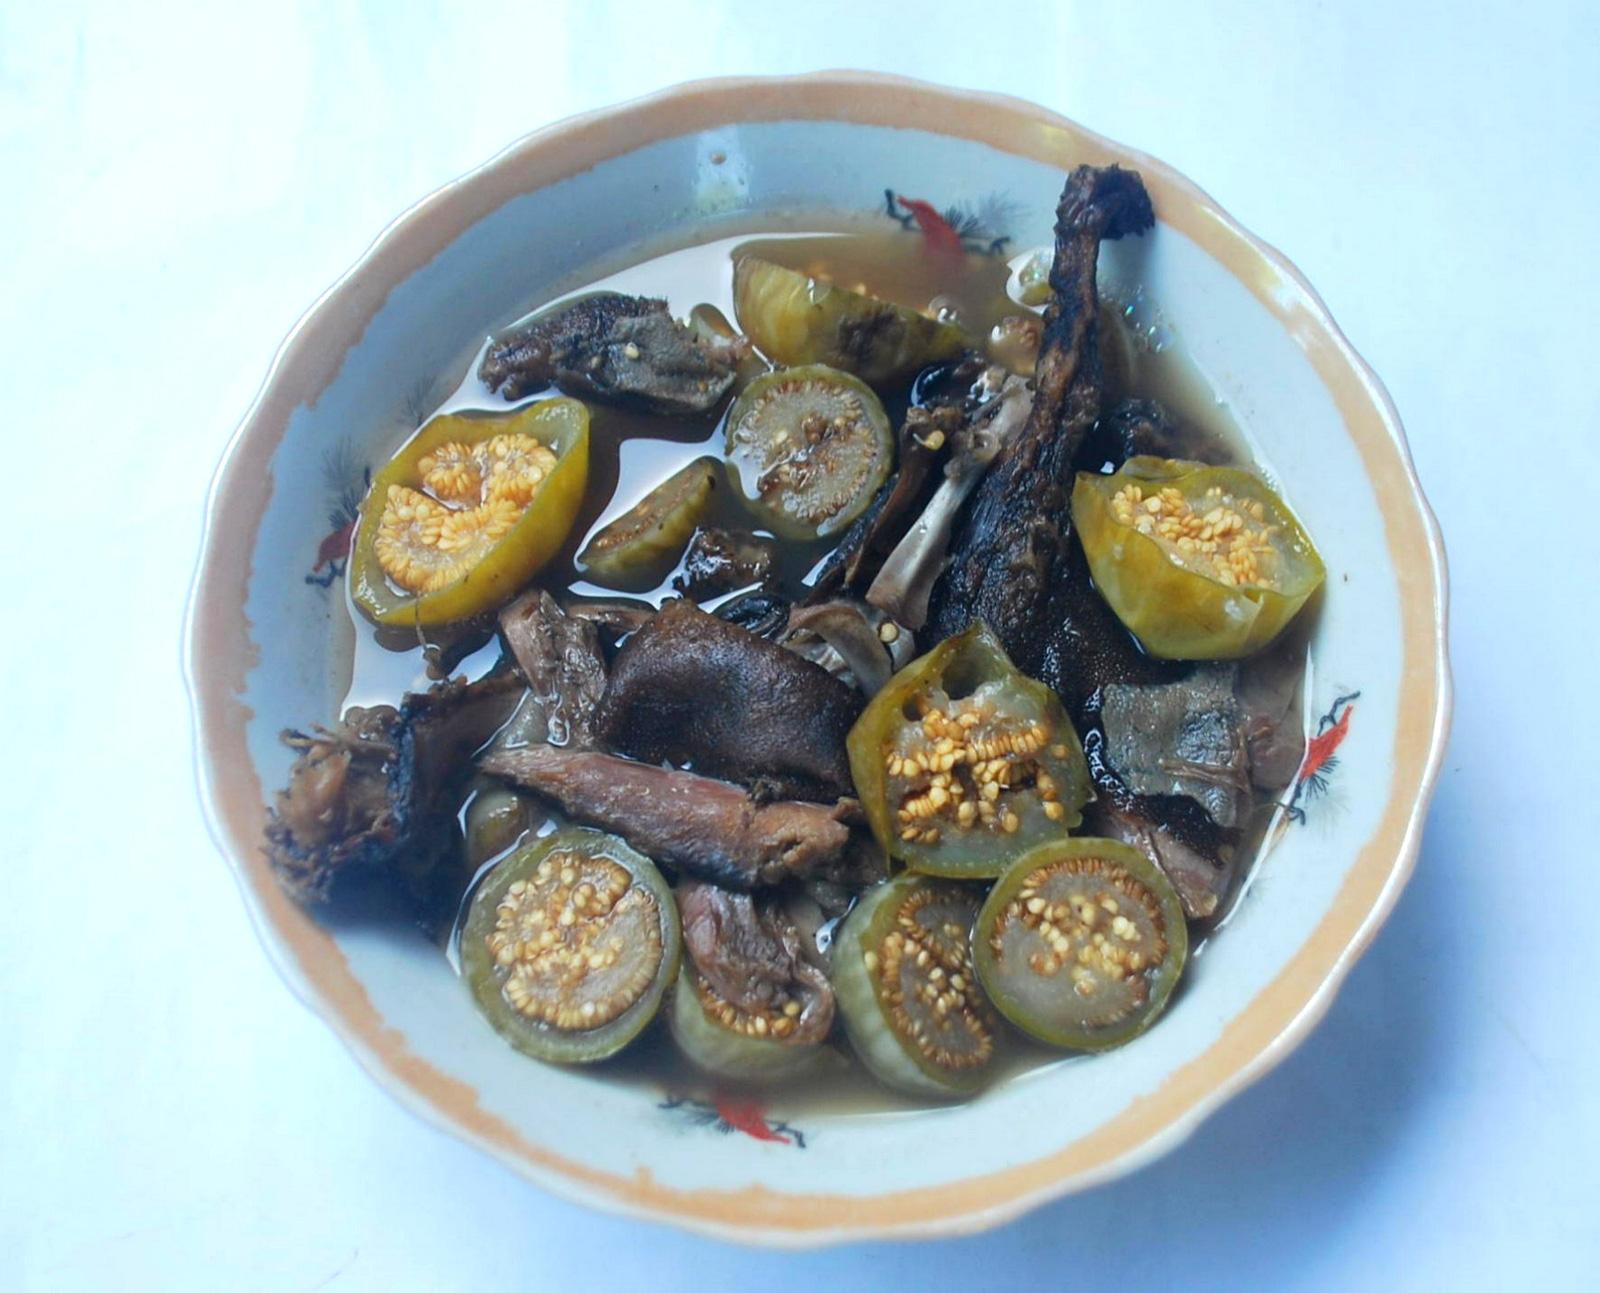 Kể chuyện làng: Lên Trường Sơn ăn món cà đắng của người Cơ Tu - Ảnh 7.